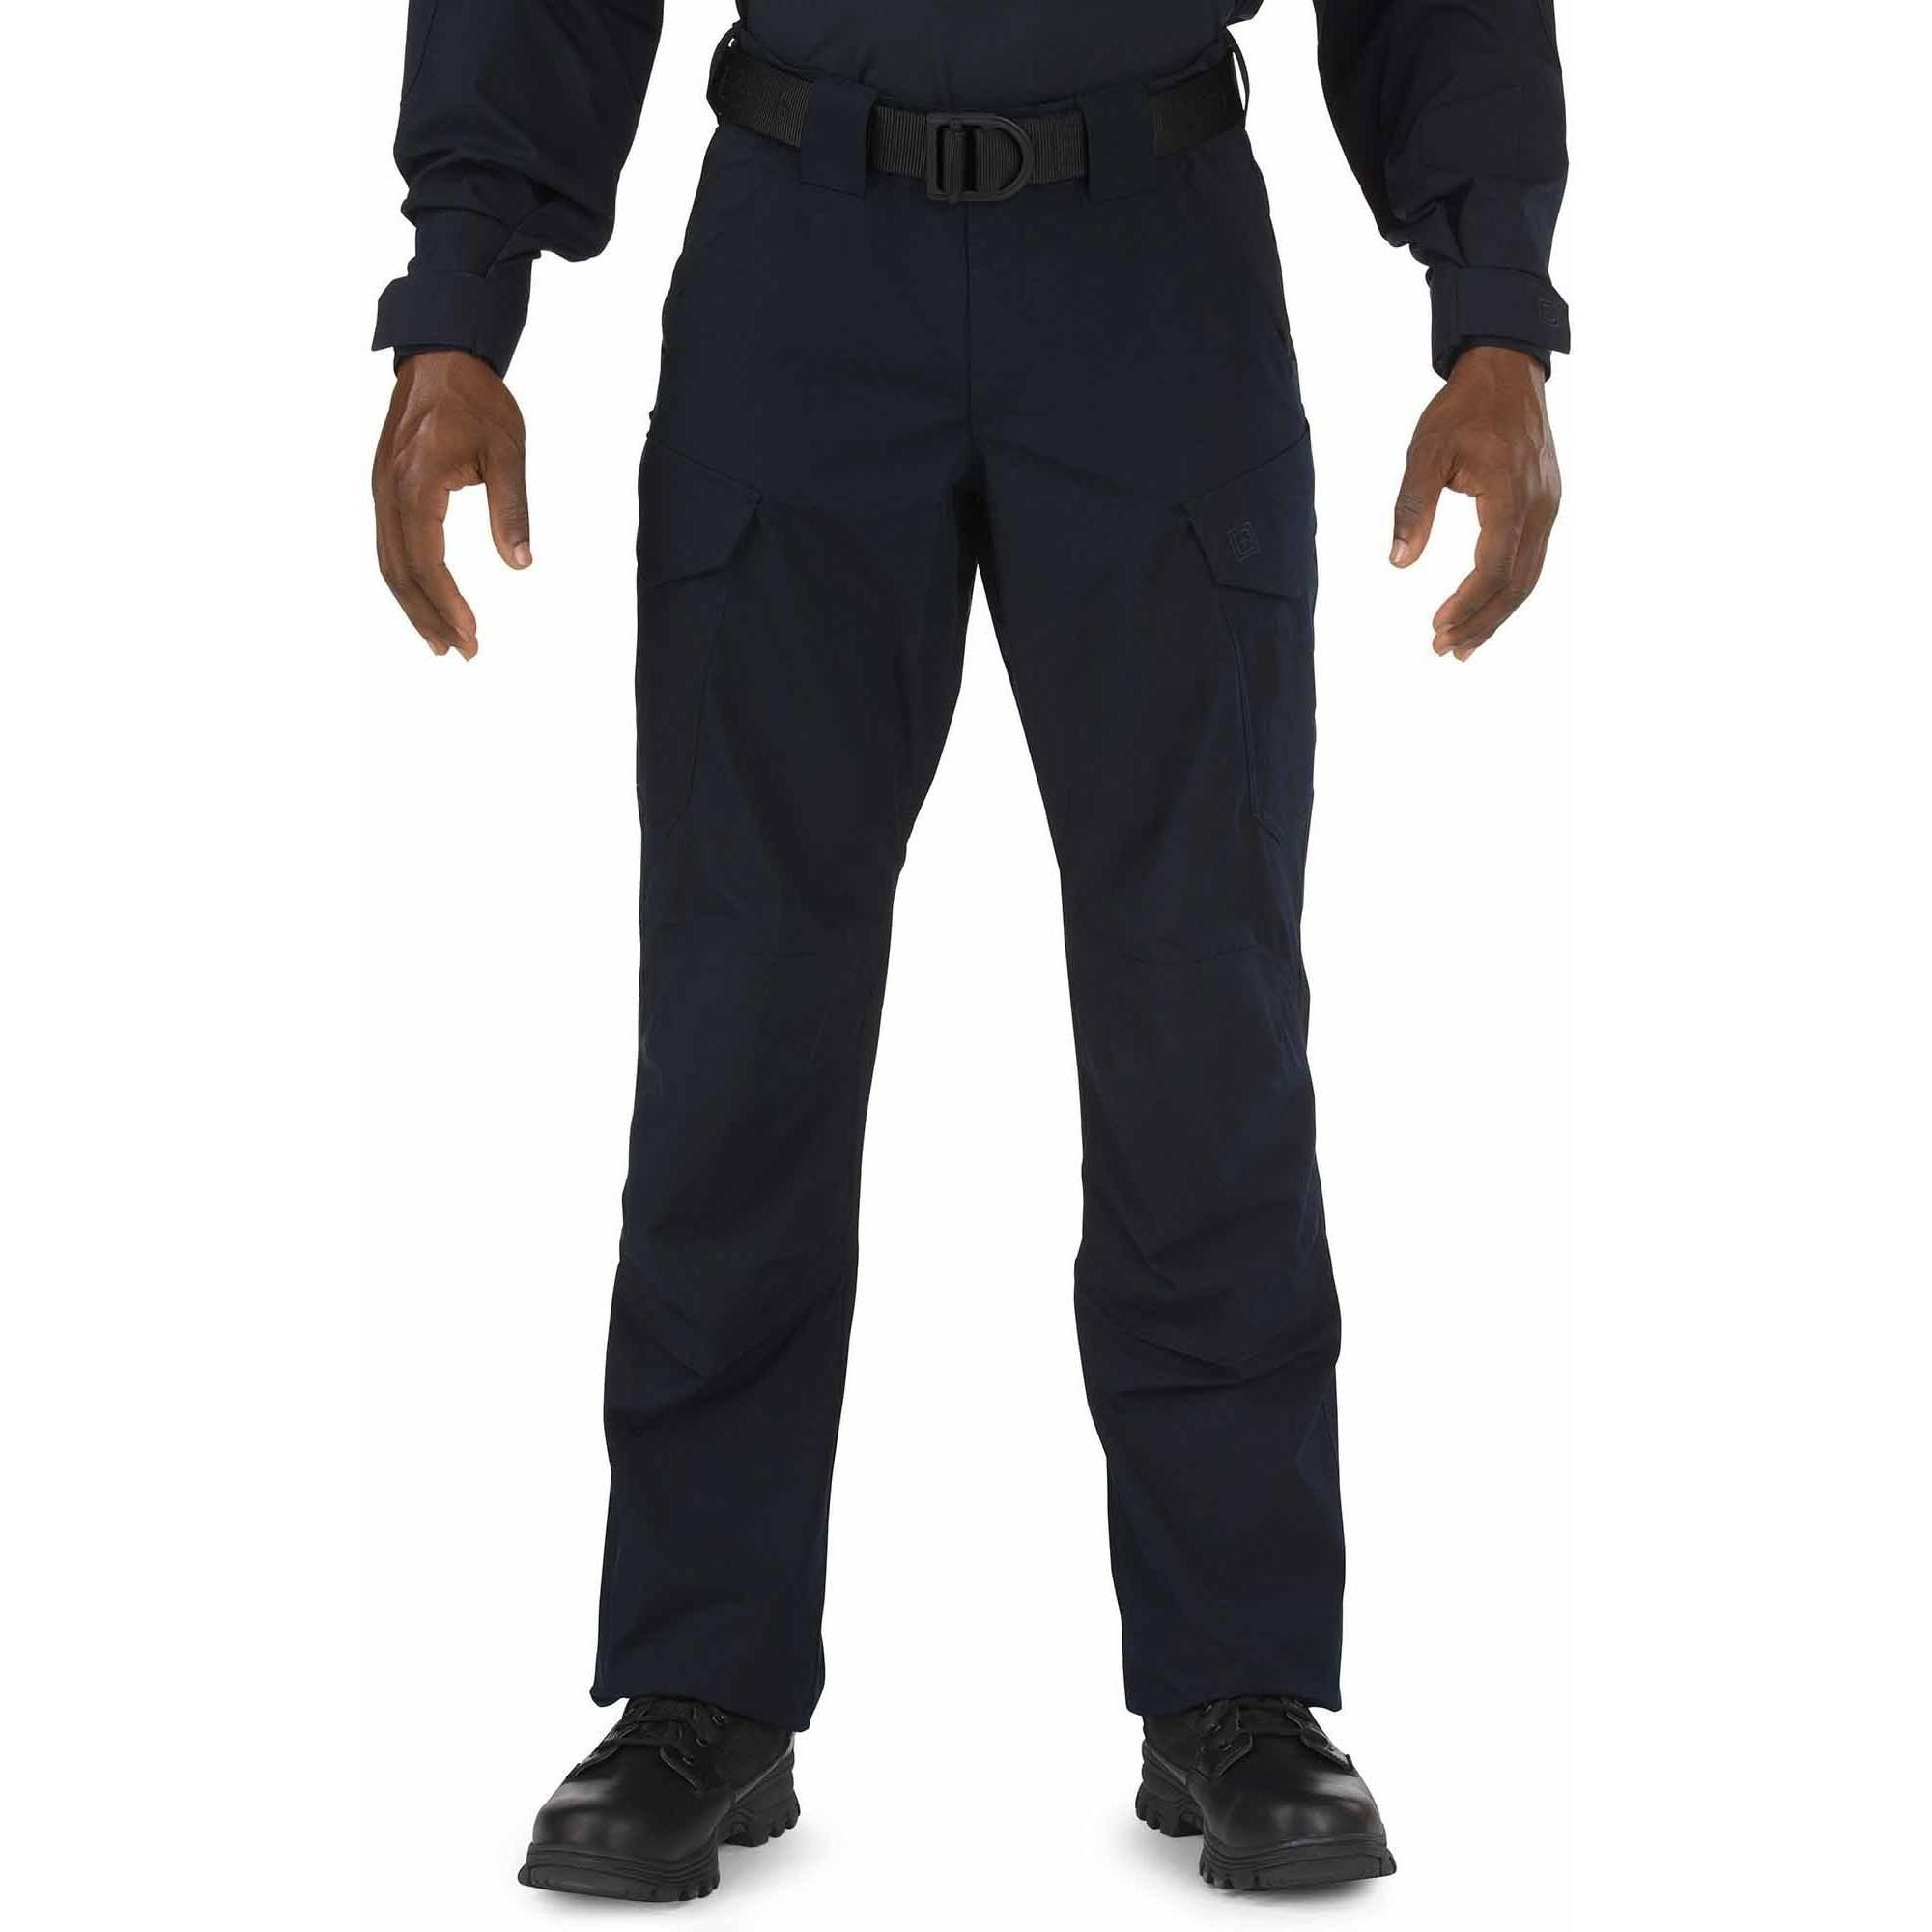 Men's Stryke TDU Pant, Dark Navy by 5.11 Tactical